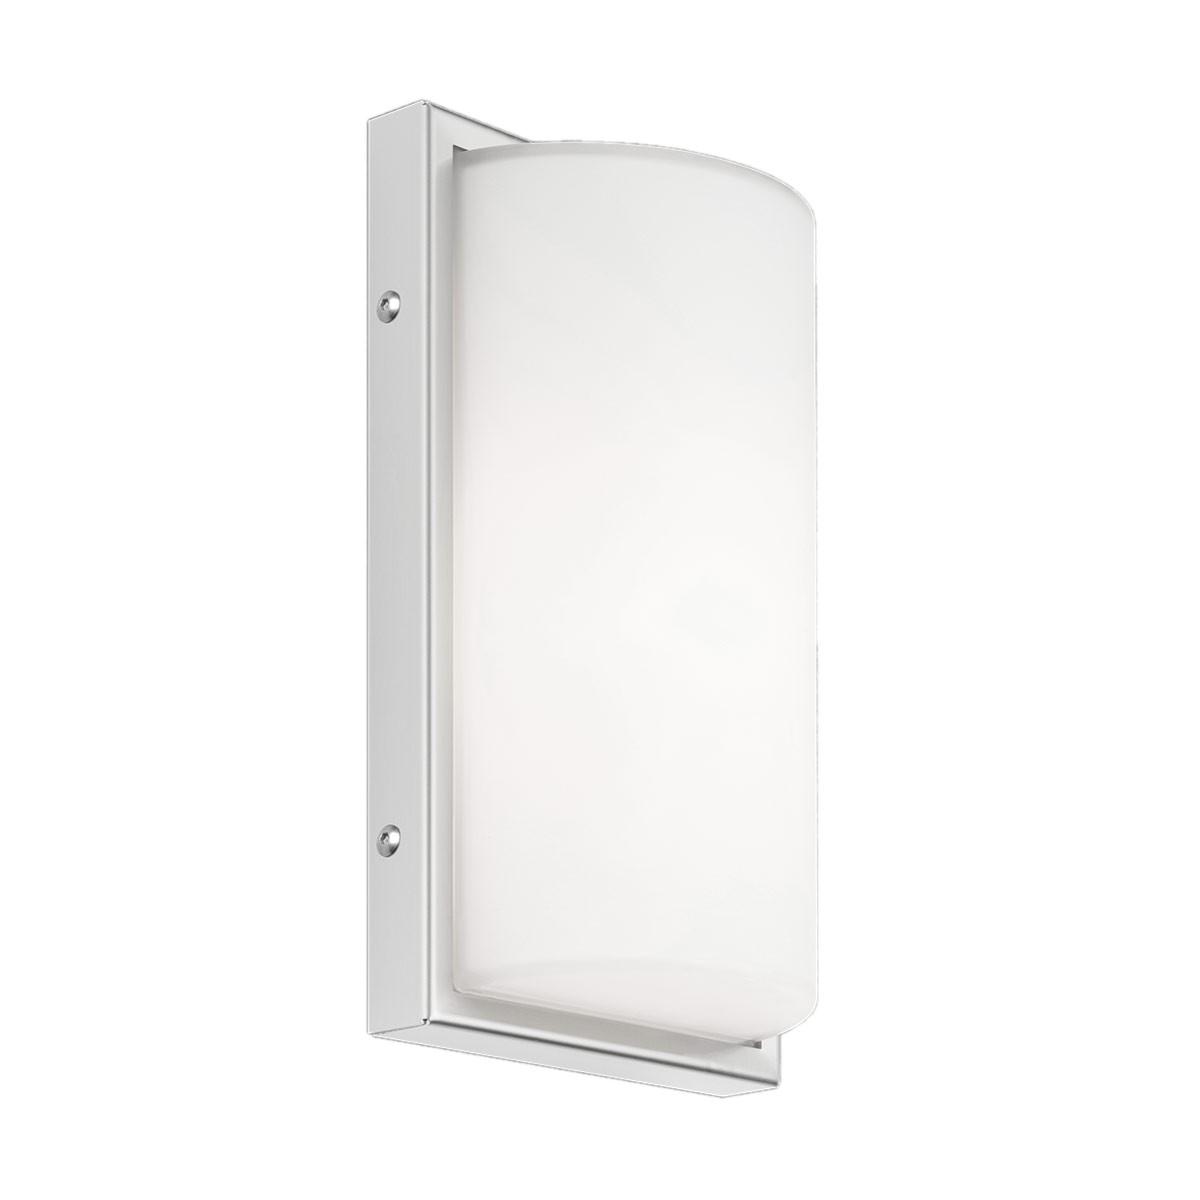 LCD Außenleuchten 040 Wandleuchte LED, Edelstahl, ohne Bewegungsmelder